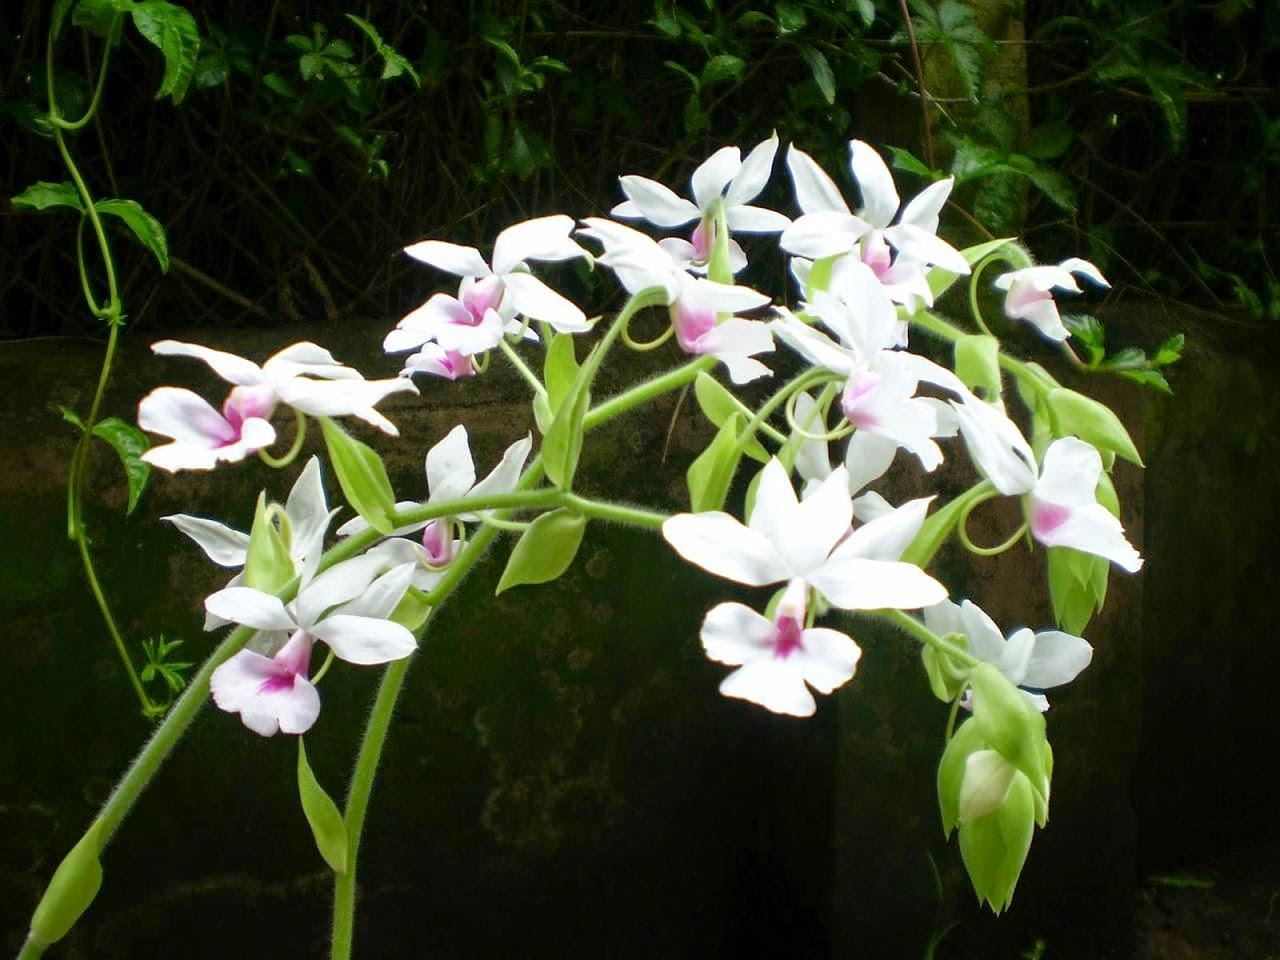 tải hình nền hoa phong lan đẹp nhất